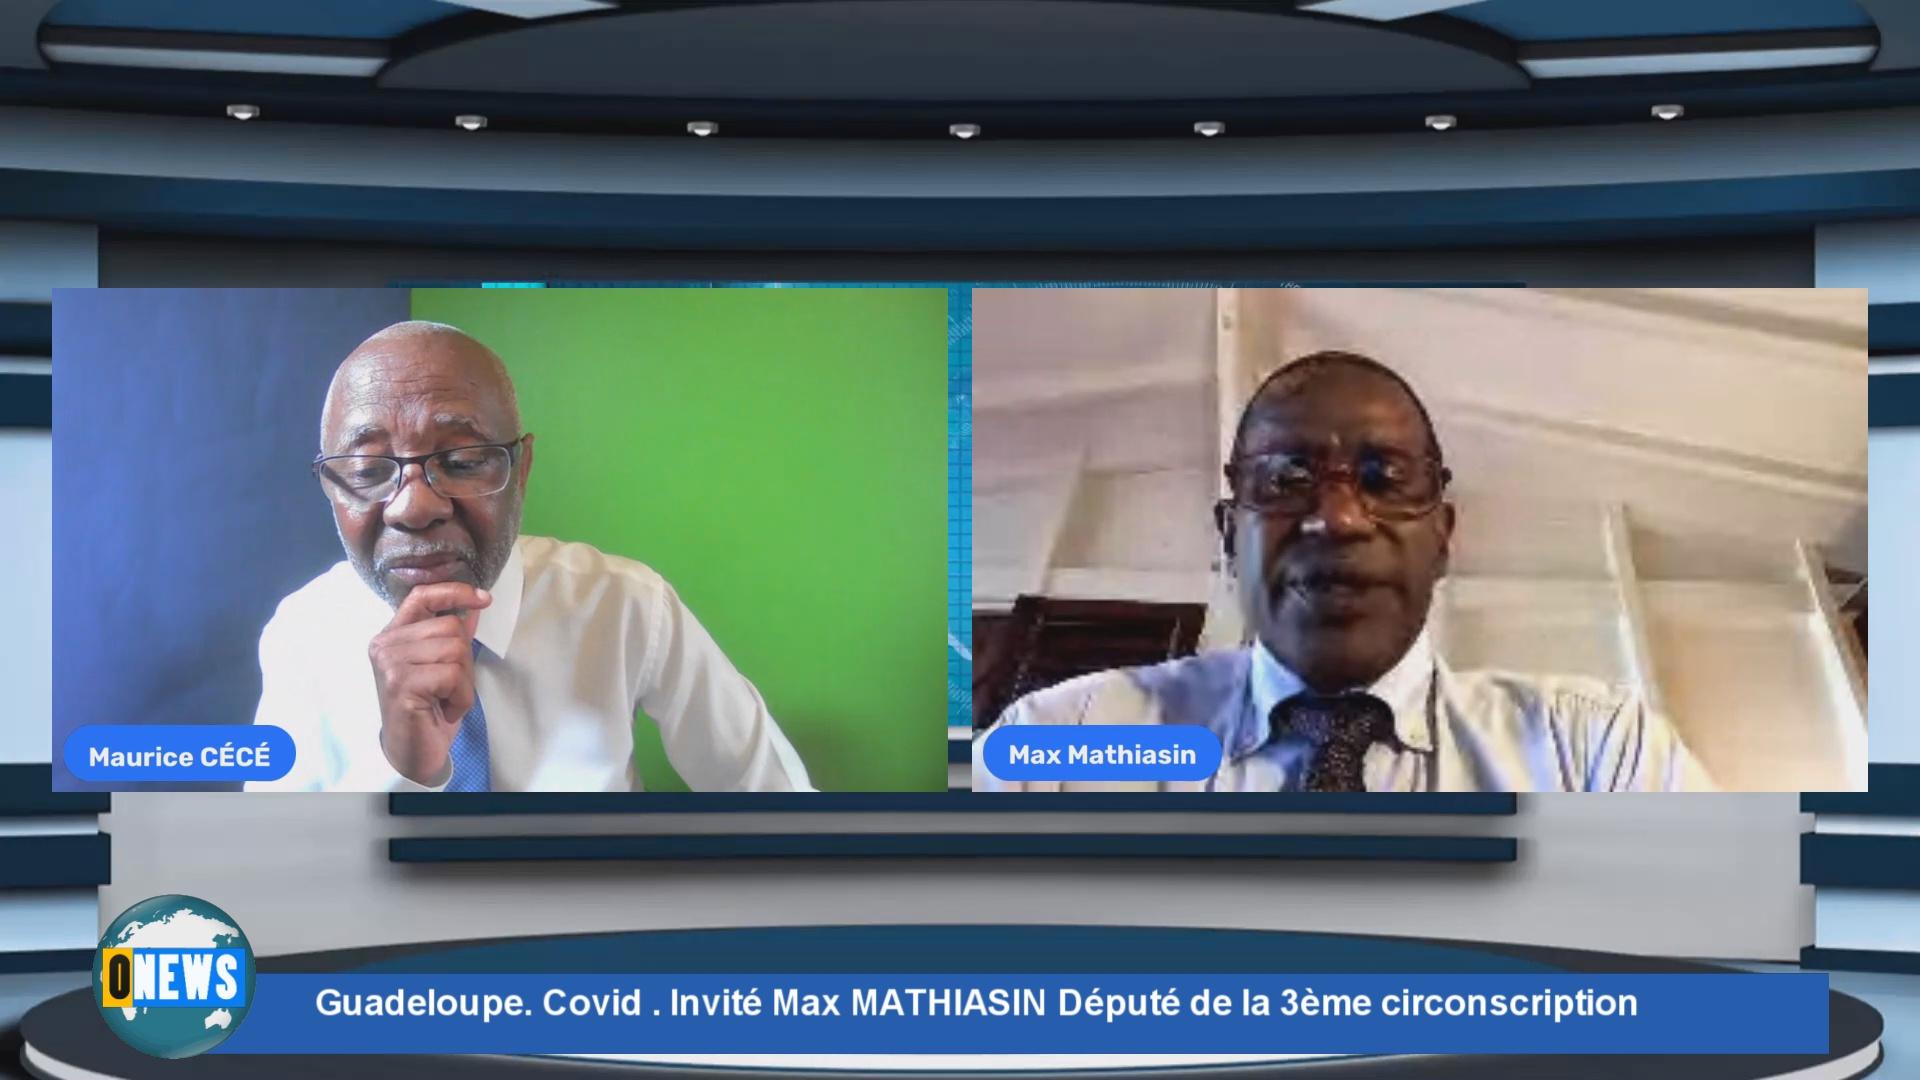 [Vidéo]Onews Guadeloupe. Covid . Invité Max MATHIASIN Député de la 3ème circonscription